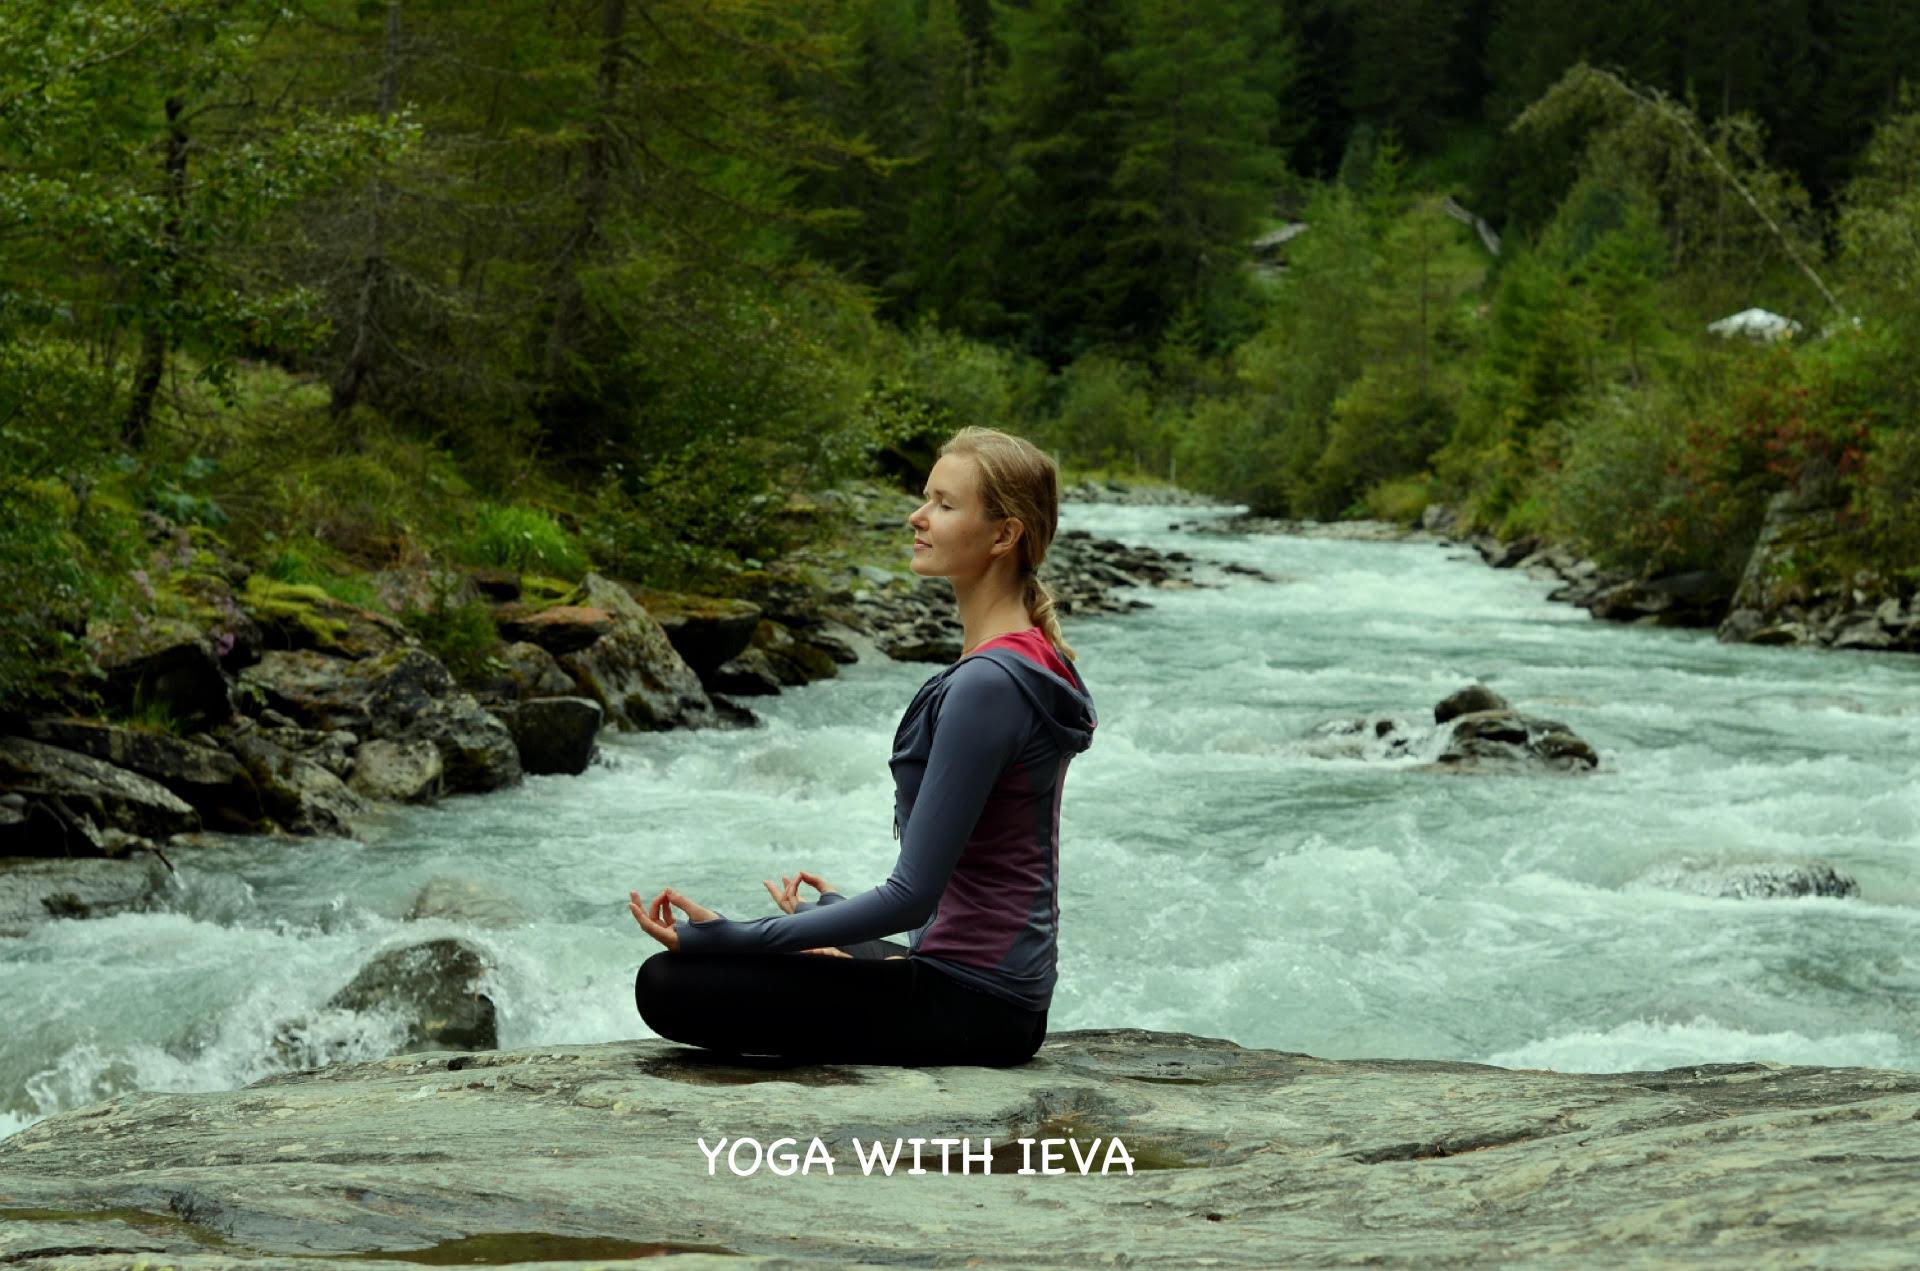 Ieva Yoga